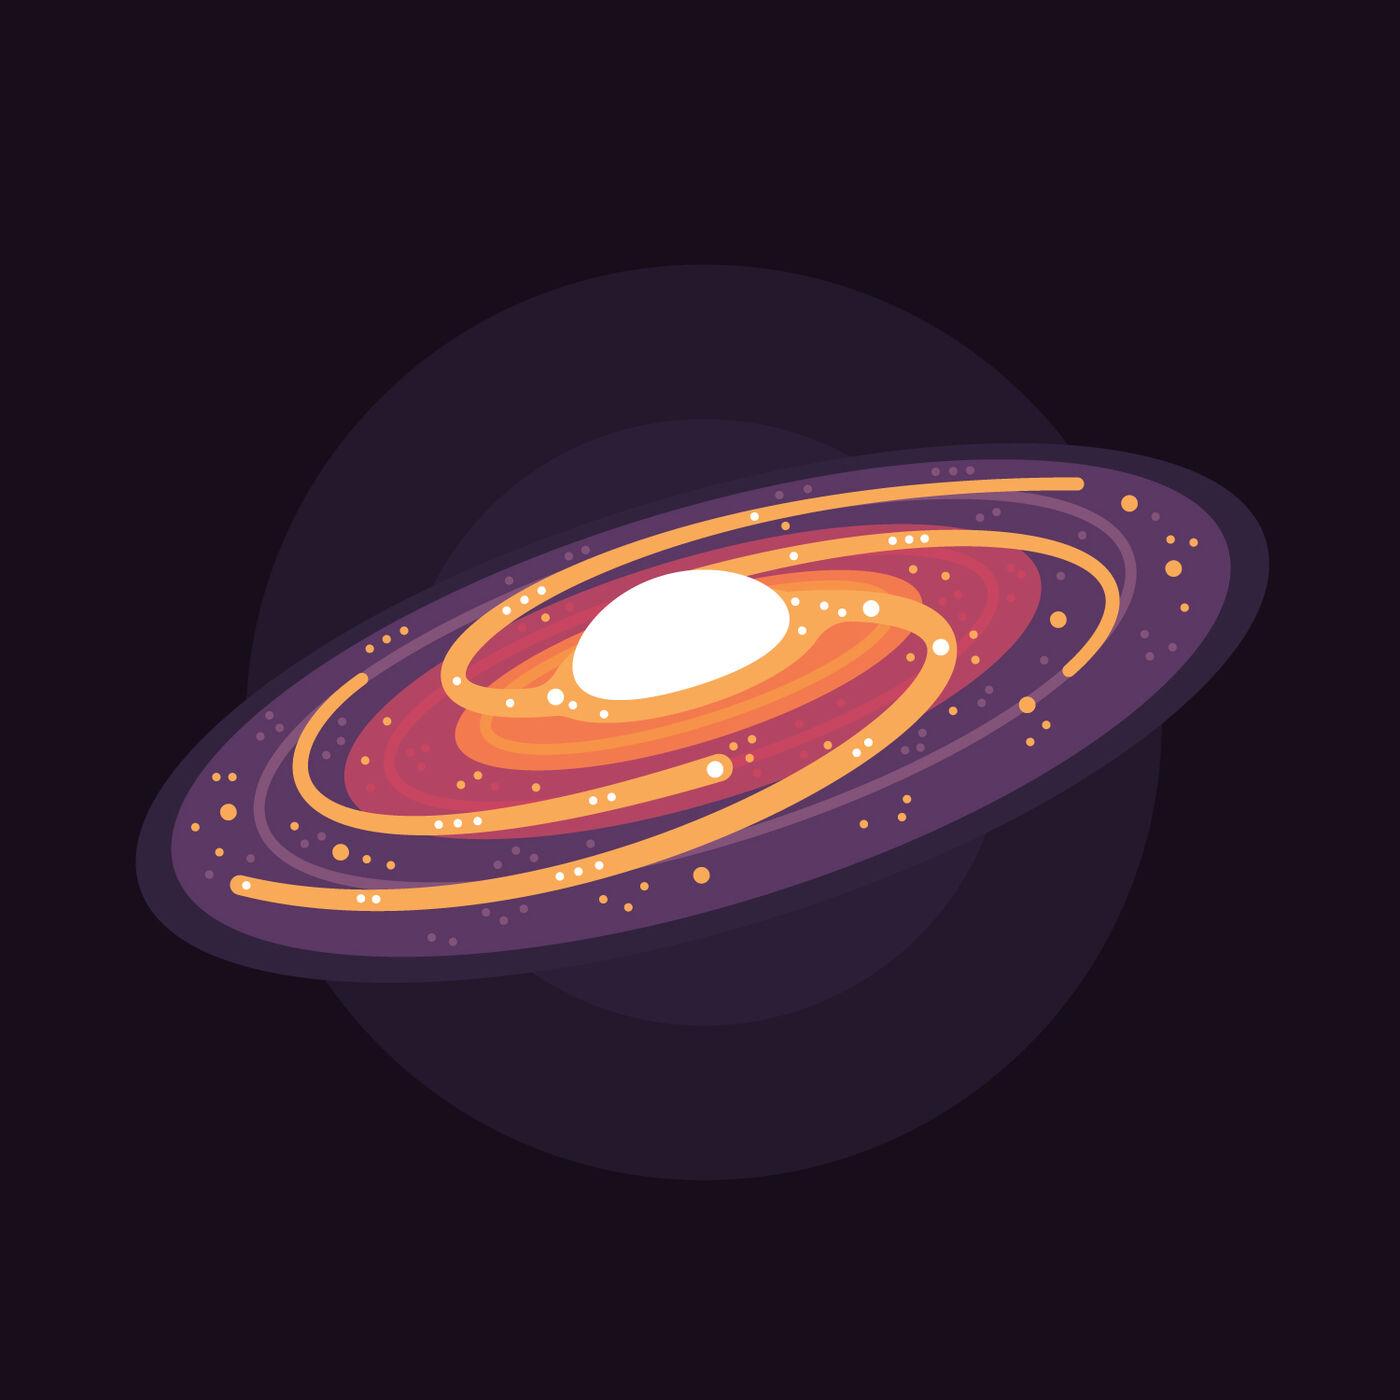 ¿Galaxia o Nebulosa?